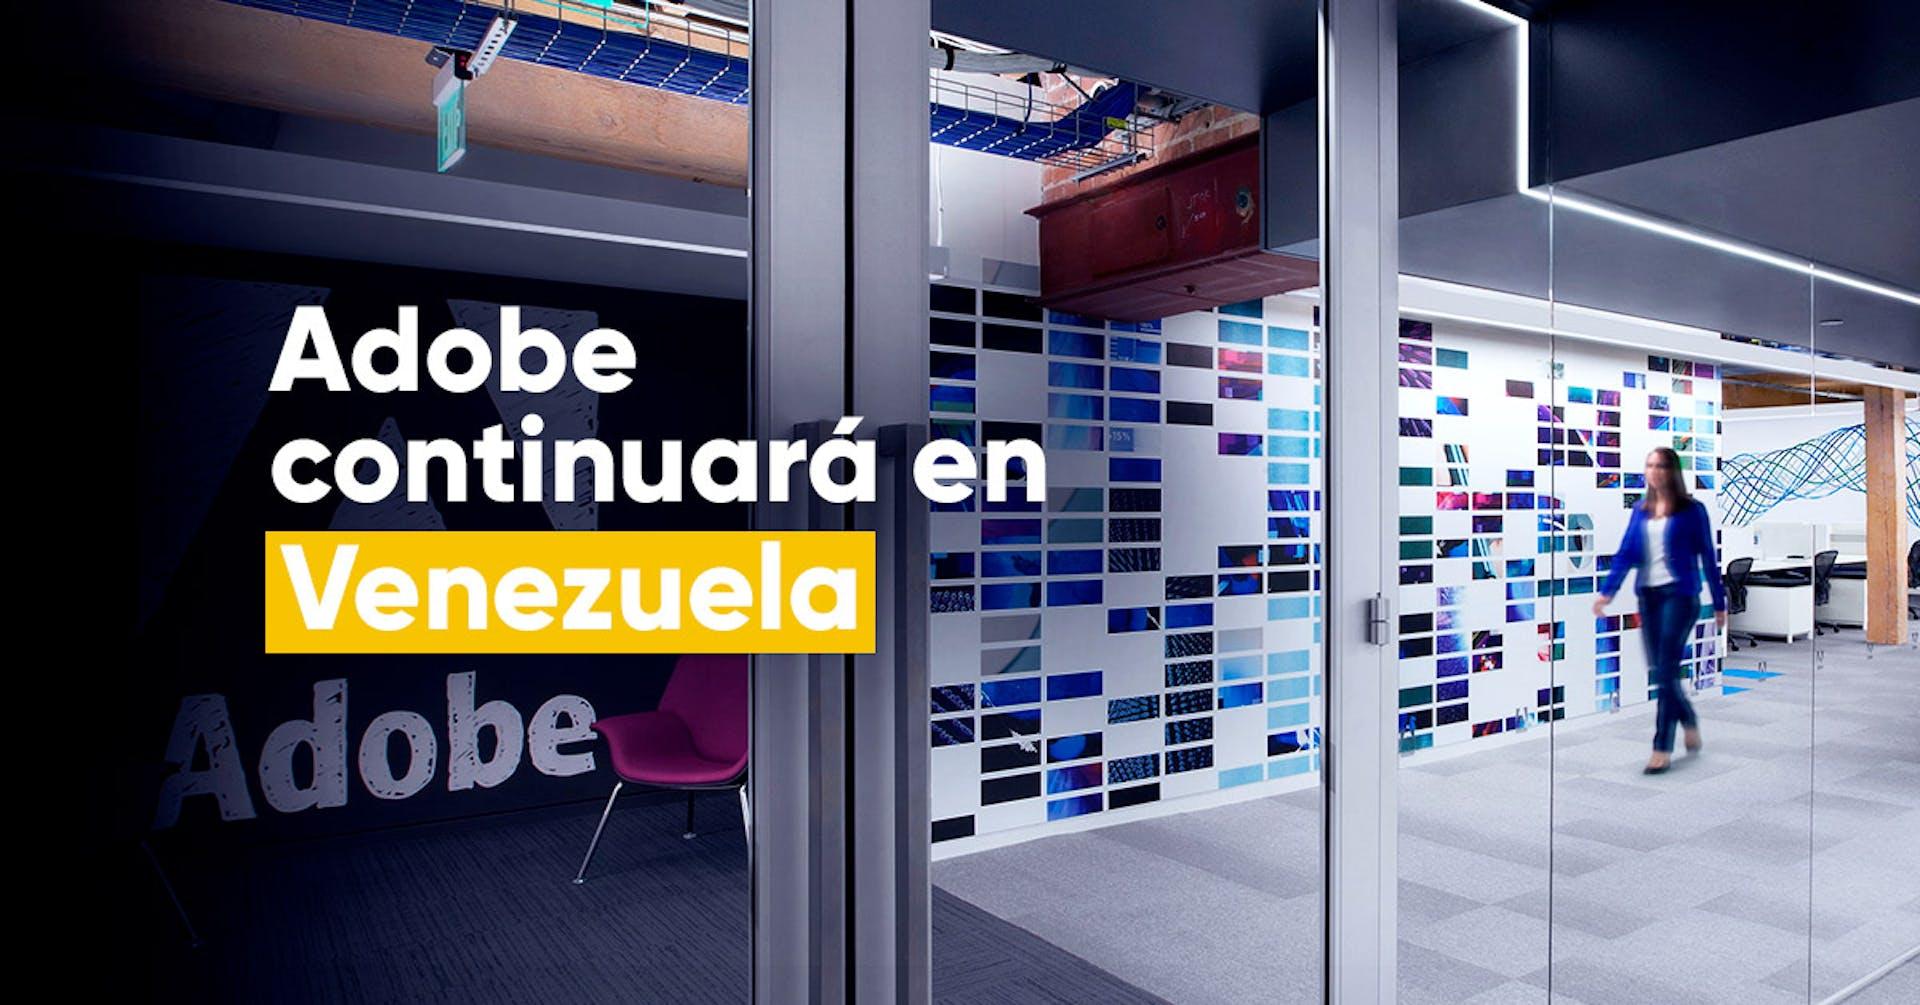 Adobe continuará en Venezuela